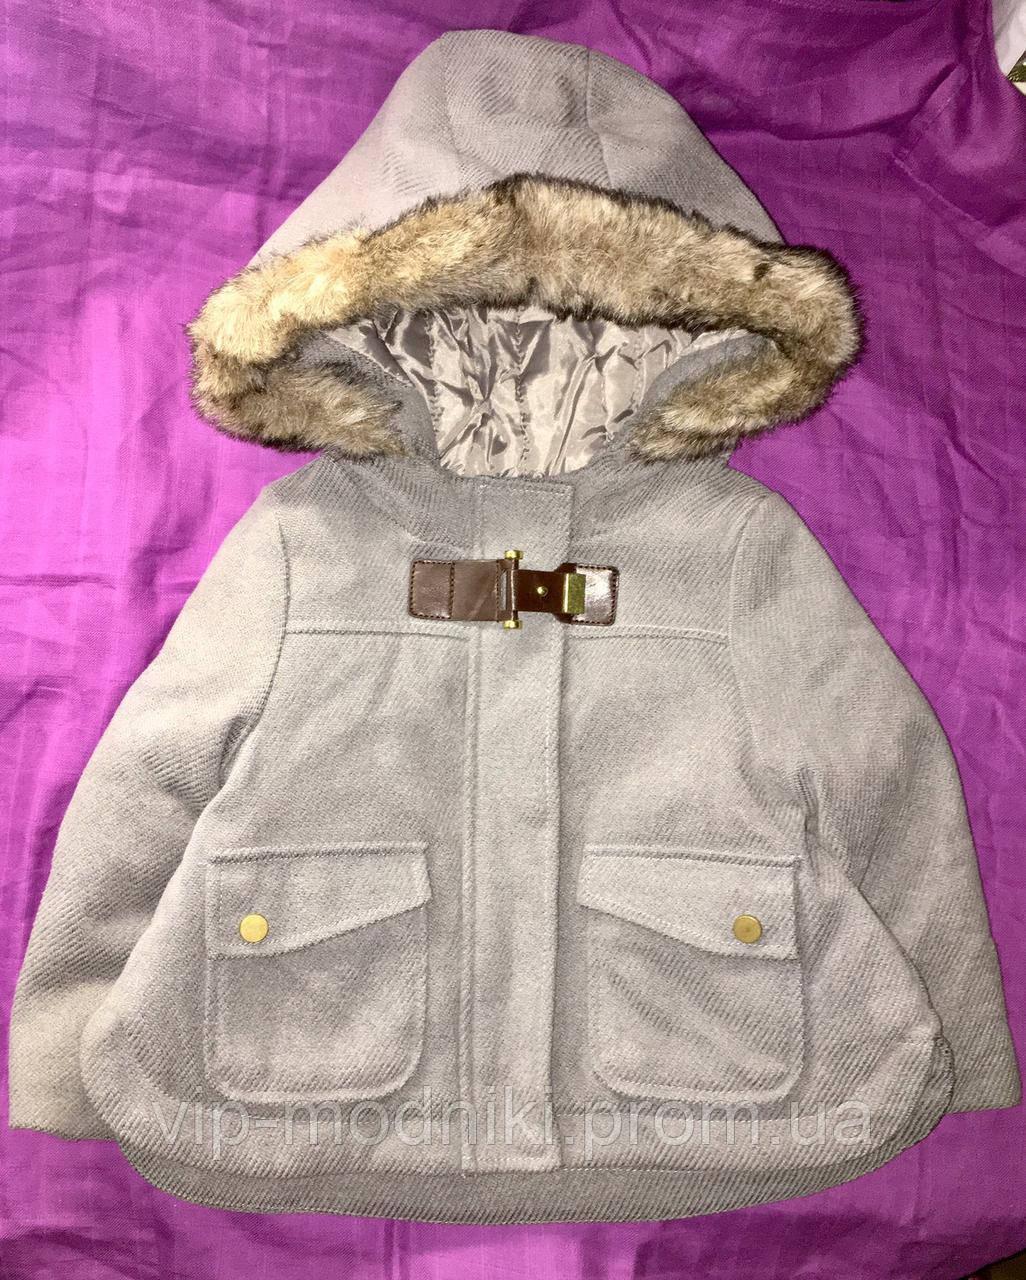 Стильное теплое пальто на девочку на 2 года рост 83/89см от Kiabi.